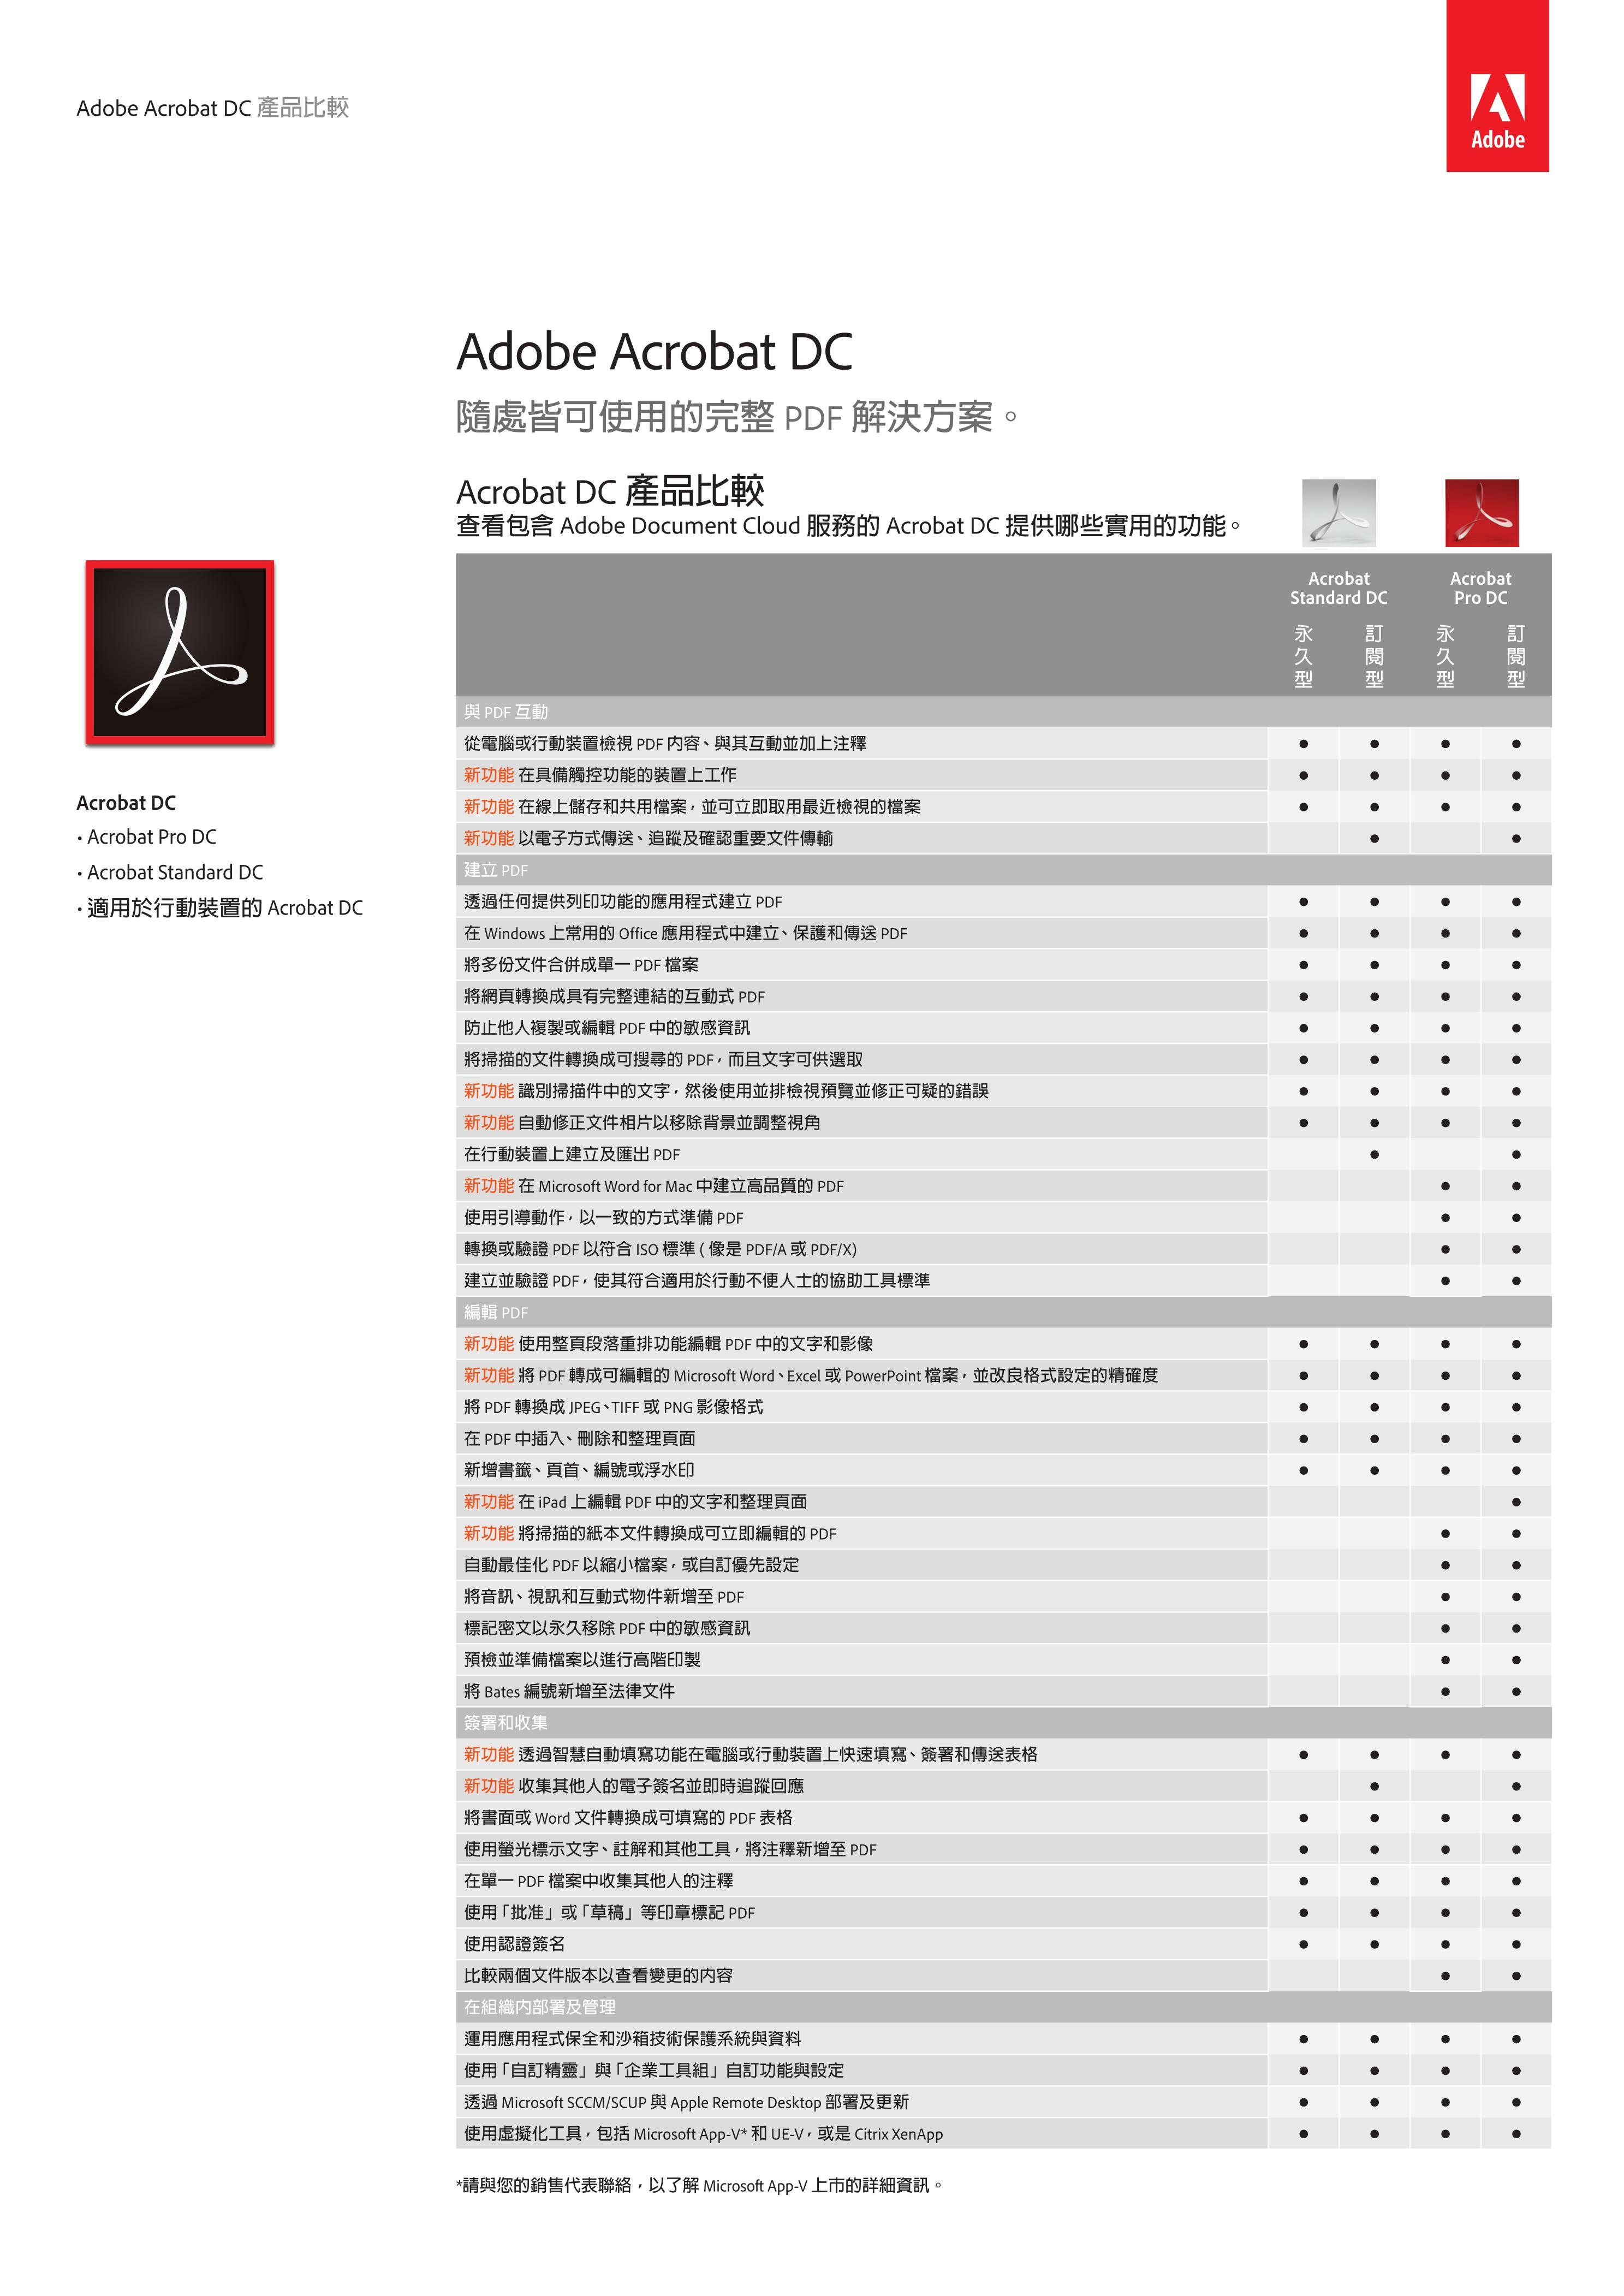 Acrobat_DC_product_comparison_matrix_ct_1